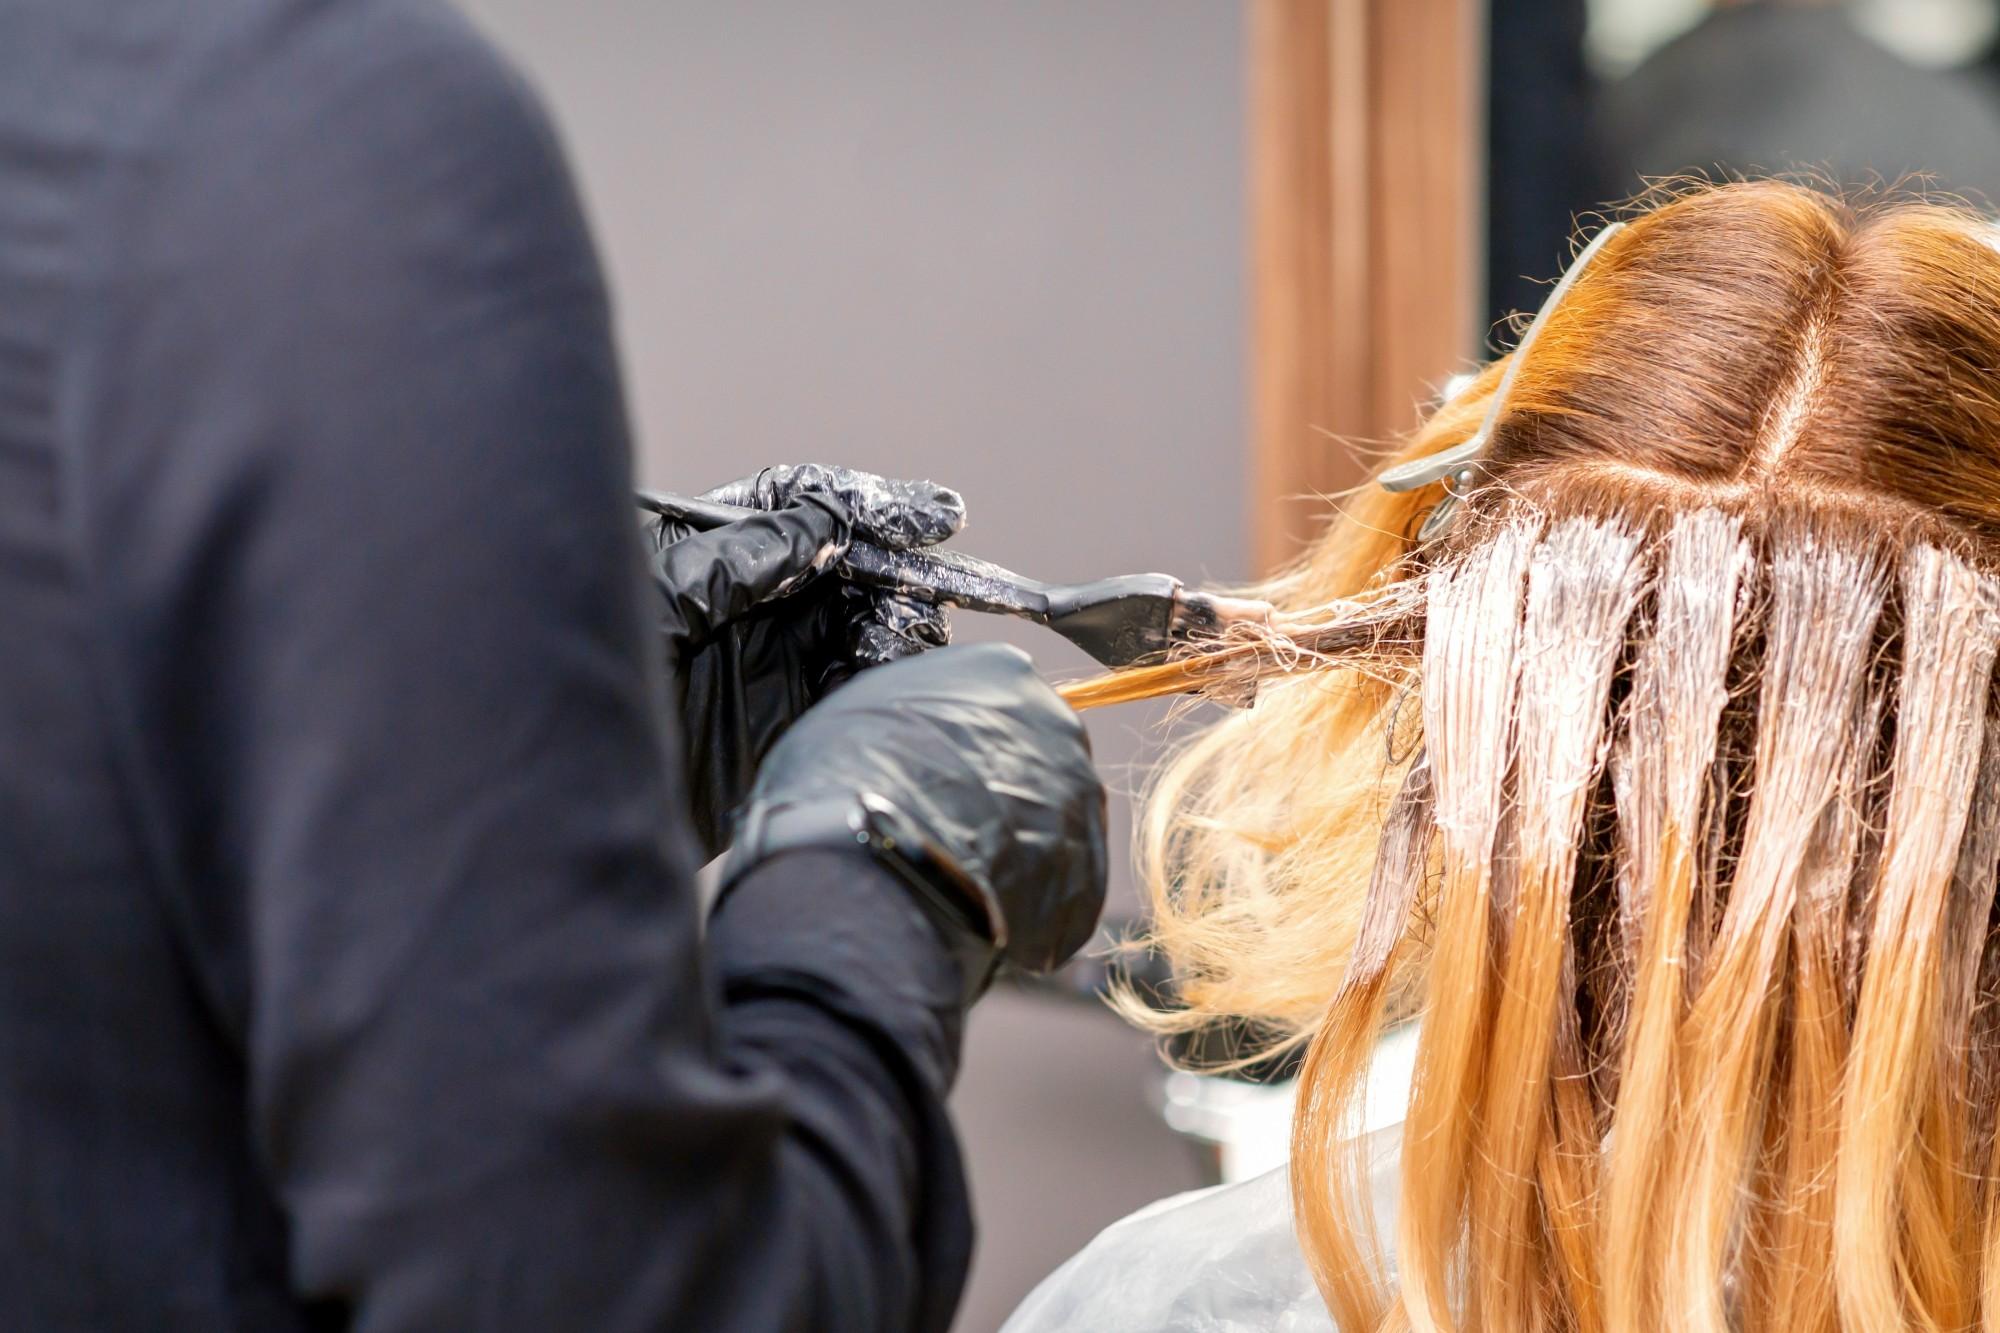 Tonalizante ou tinta: o que agride menos o cabelo?